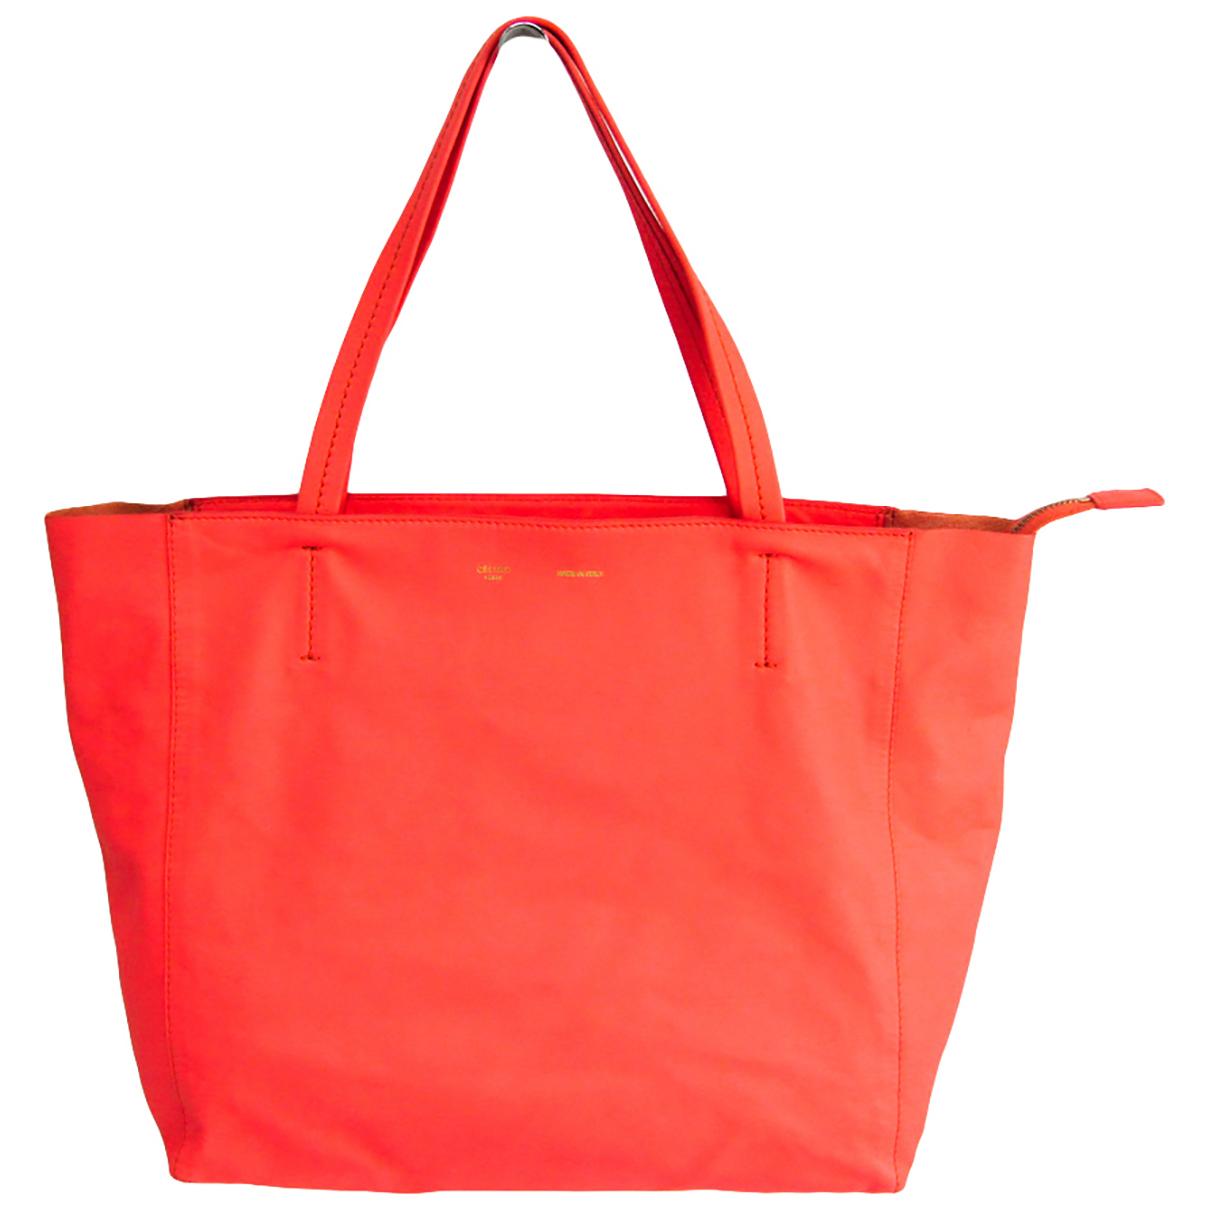 Celine N Orange Leather handbag for Women N